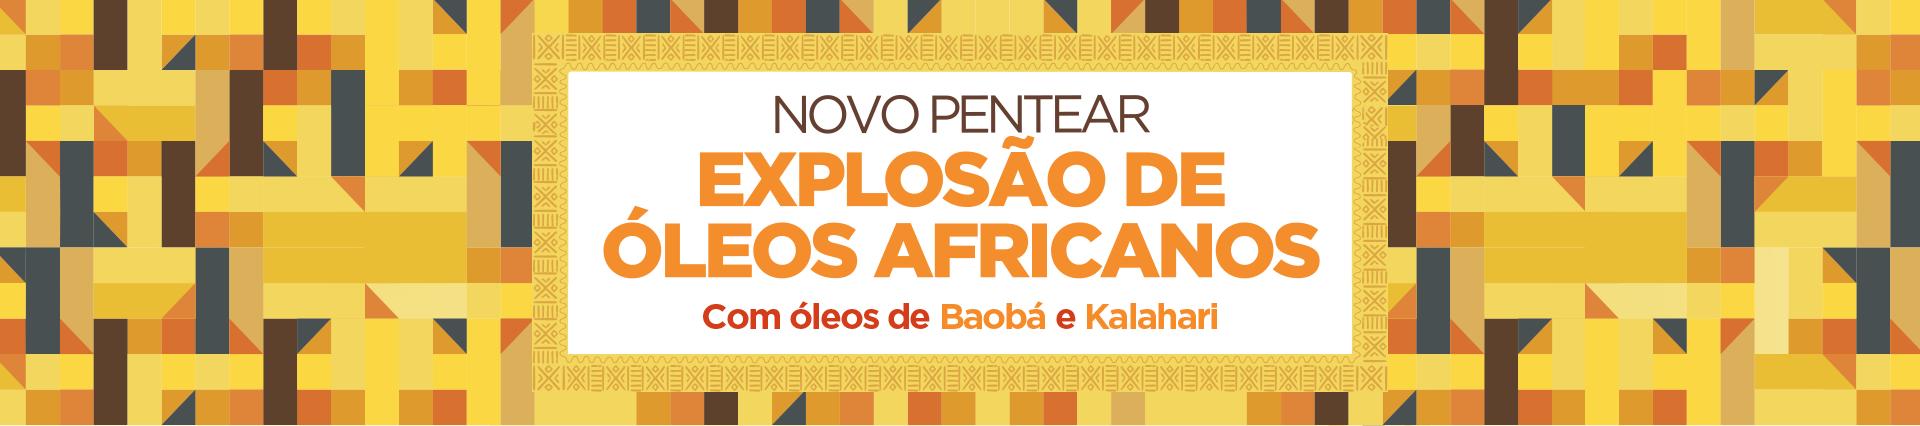 Novo pentear - EXPLOSÃO DE ÓLEOS AFRICANOS